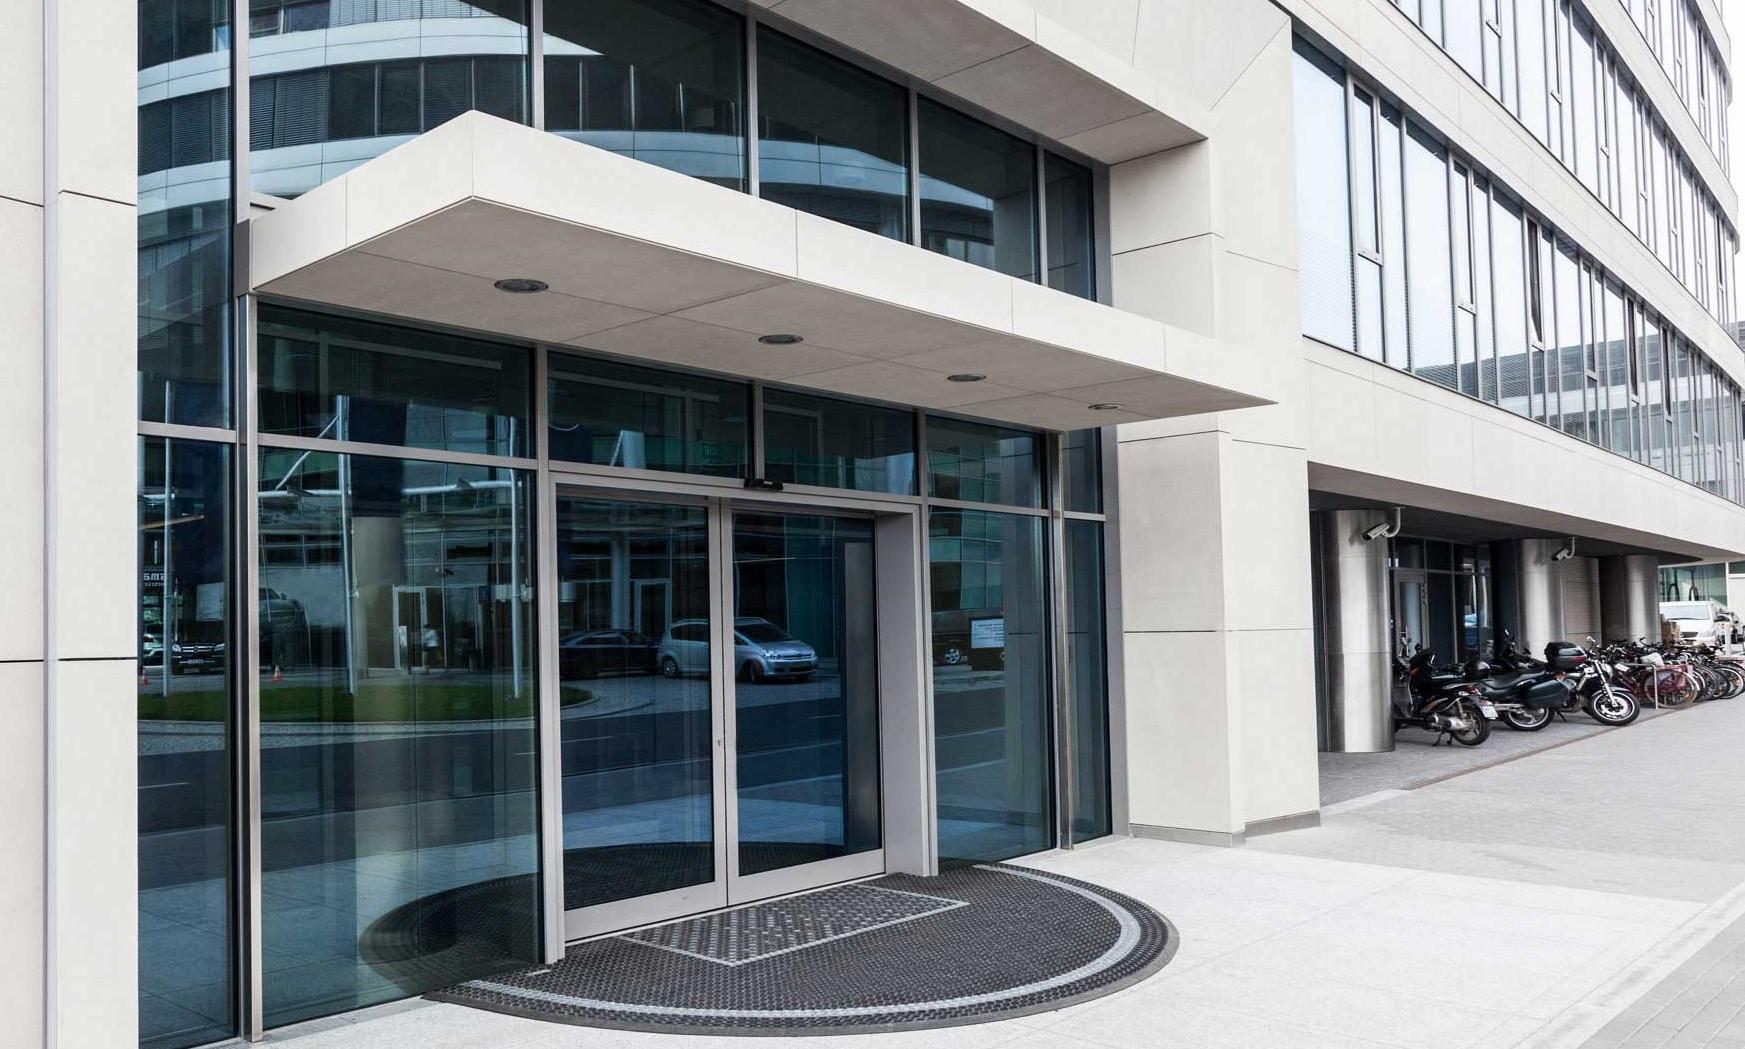 Porte automatiche Firenze - ASC: porte automatiche scorrevoli